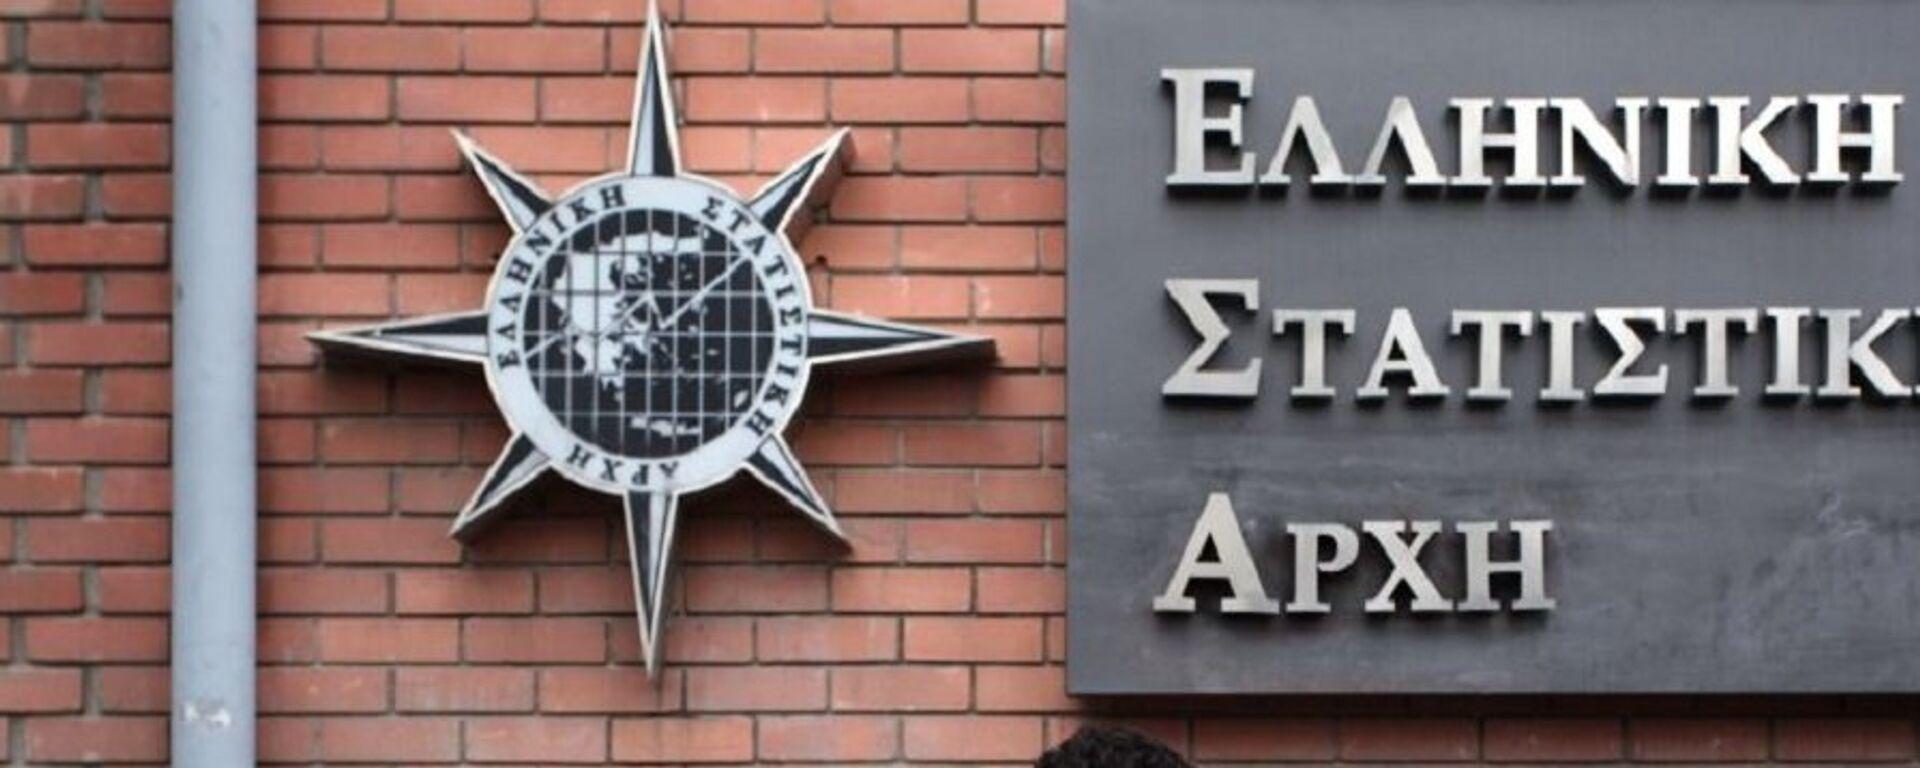 Ελληνική Στατιστική Αρχή - Sputnik Ελλάδα, 1920, 07.09.2021